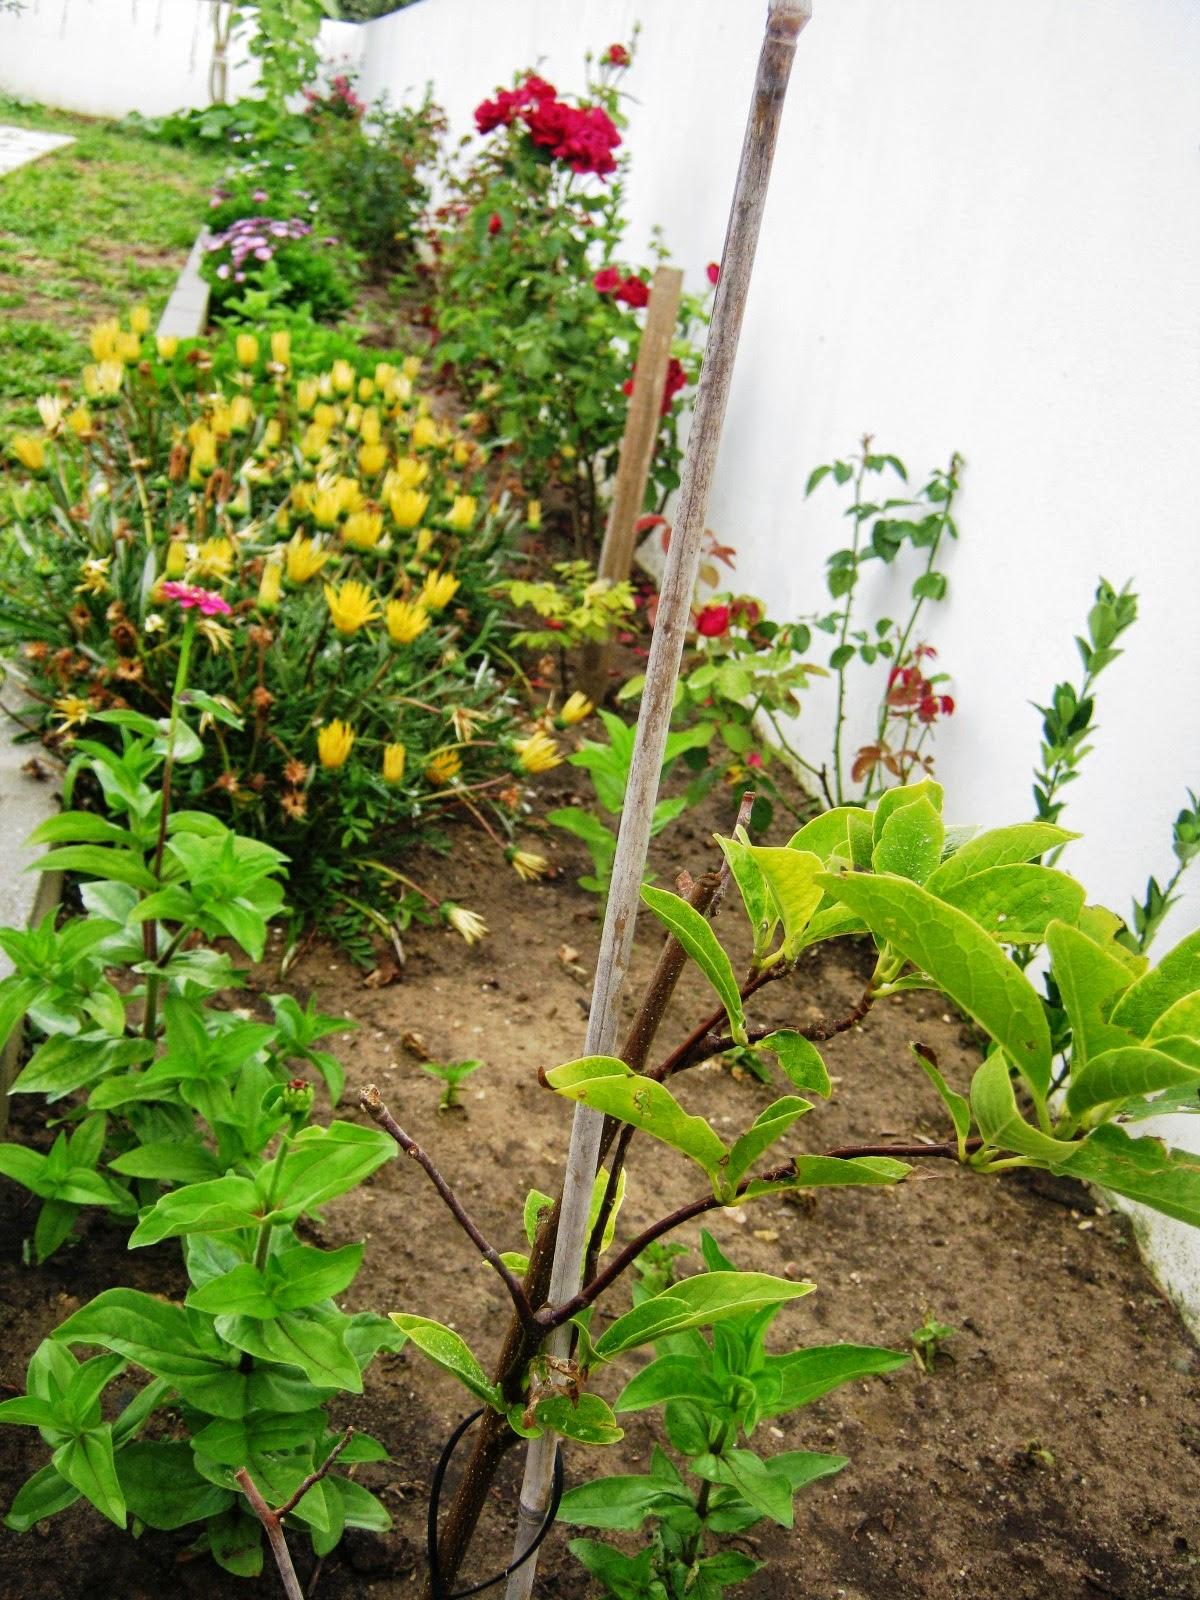 jardim fundo quintal : jardim fundo quintal:ESTE É O JARDIM DO FUNDO DO QUINTAL E DO PORTÃO DOS FUNDOS, É MAIS